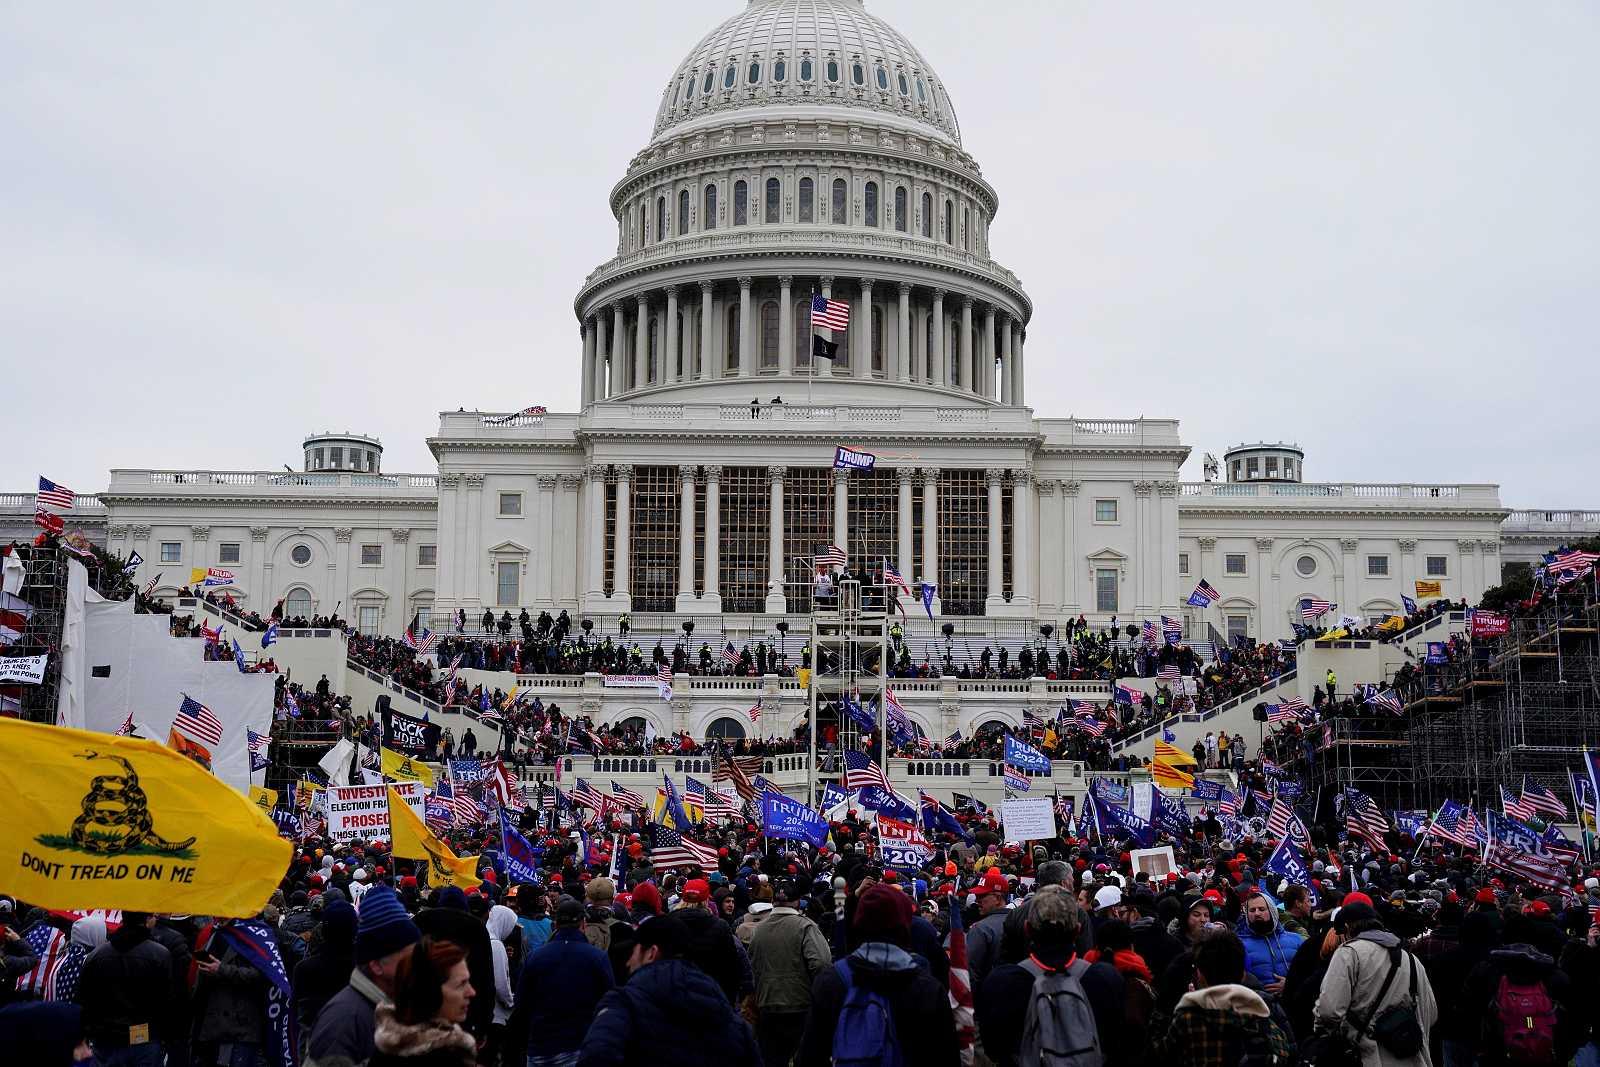 Seguidores de Donald Trump irrumpen durante unas protestas en los terrenos del Capitolio de Estados Unidos